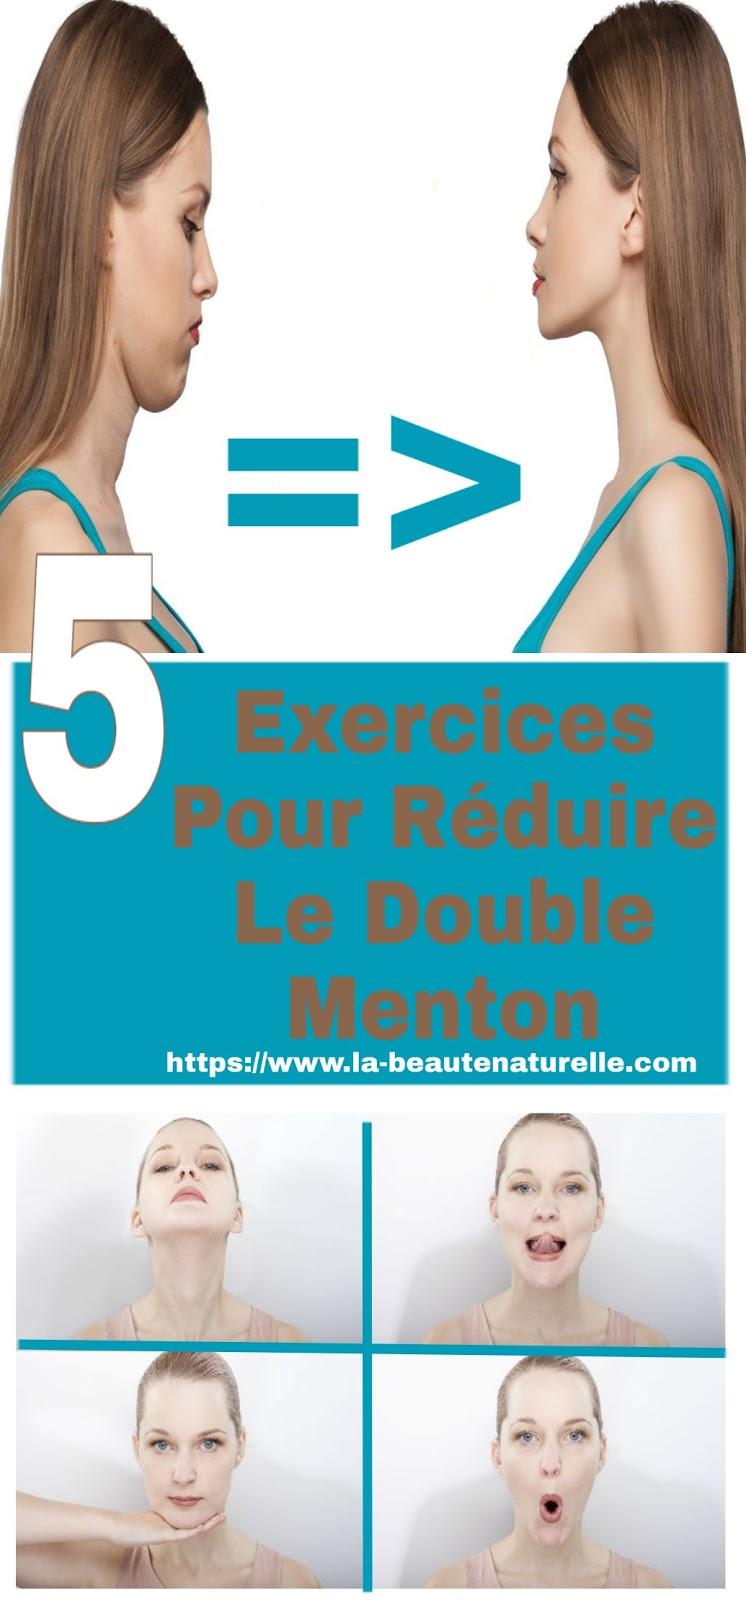 5 Exercices Pour Réduire Le Double Menton